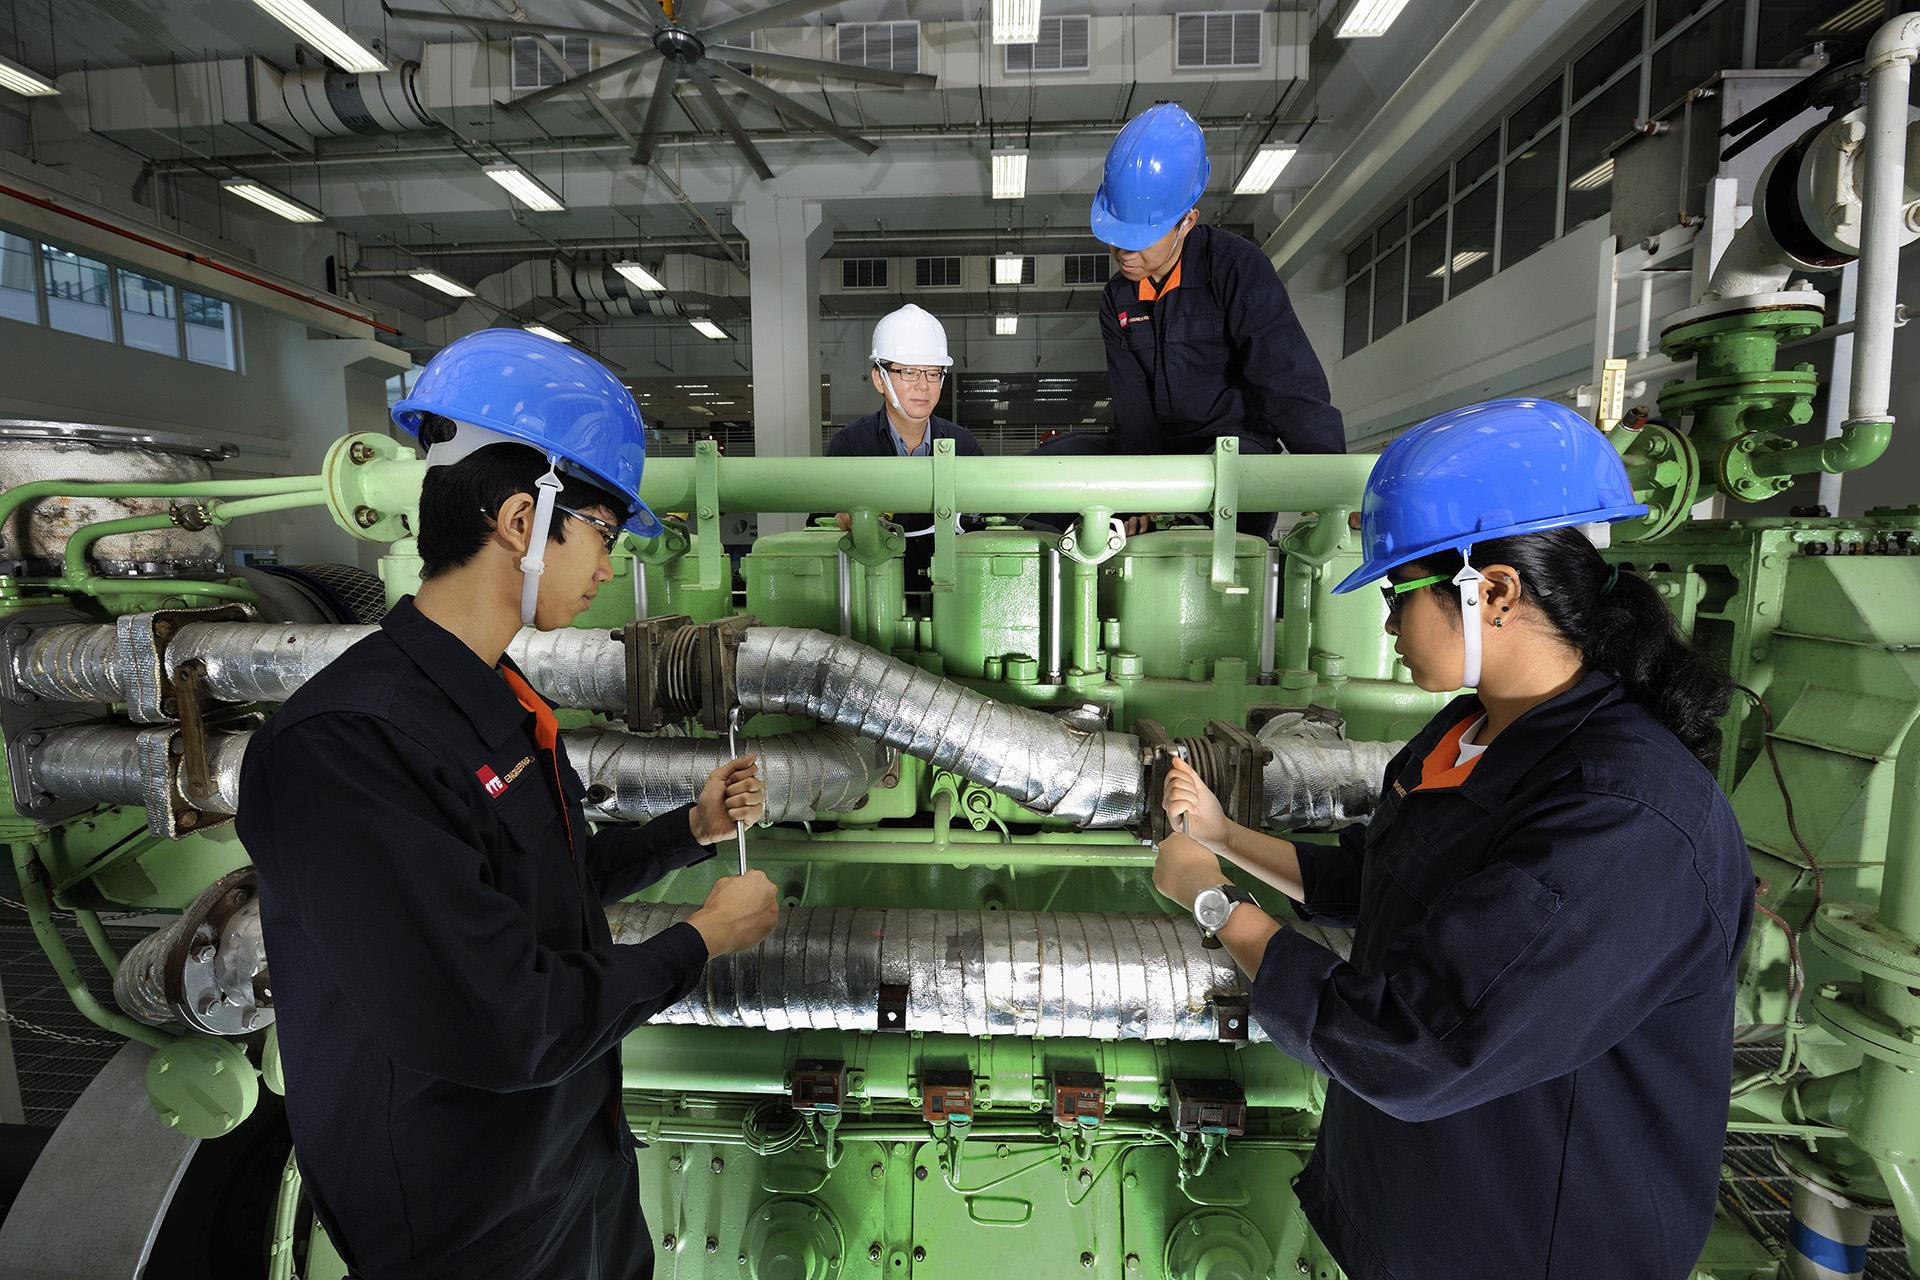 Higher-Nitec-in-Marine-Engineering